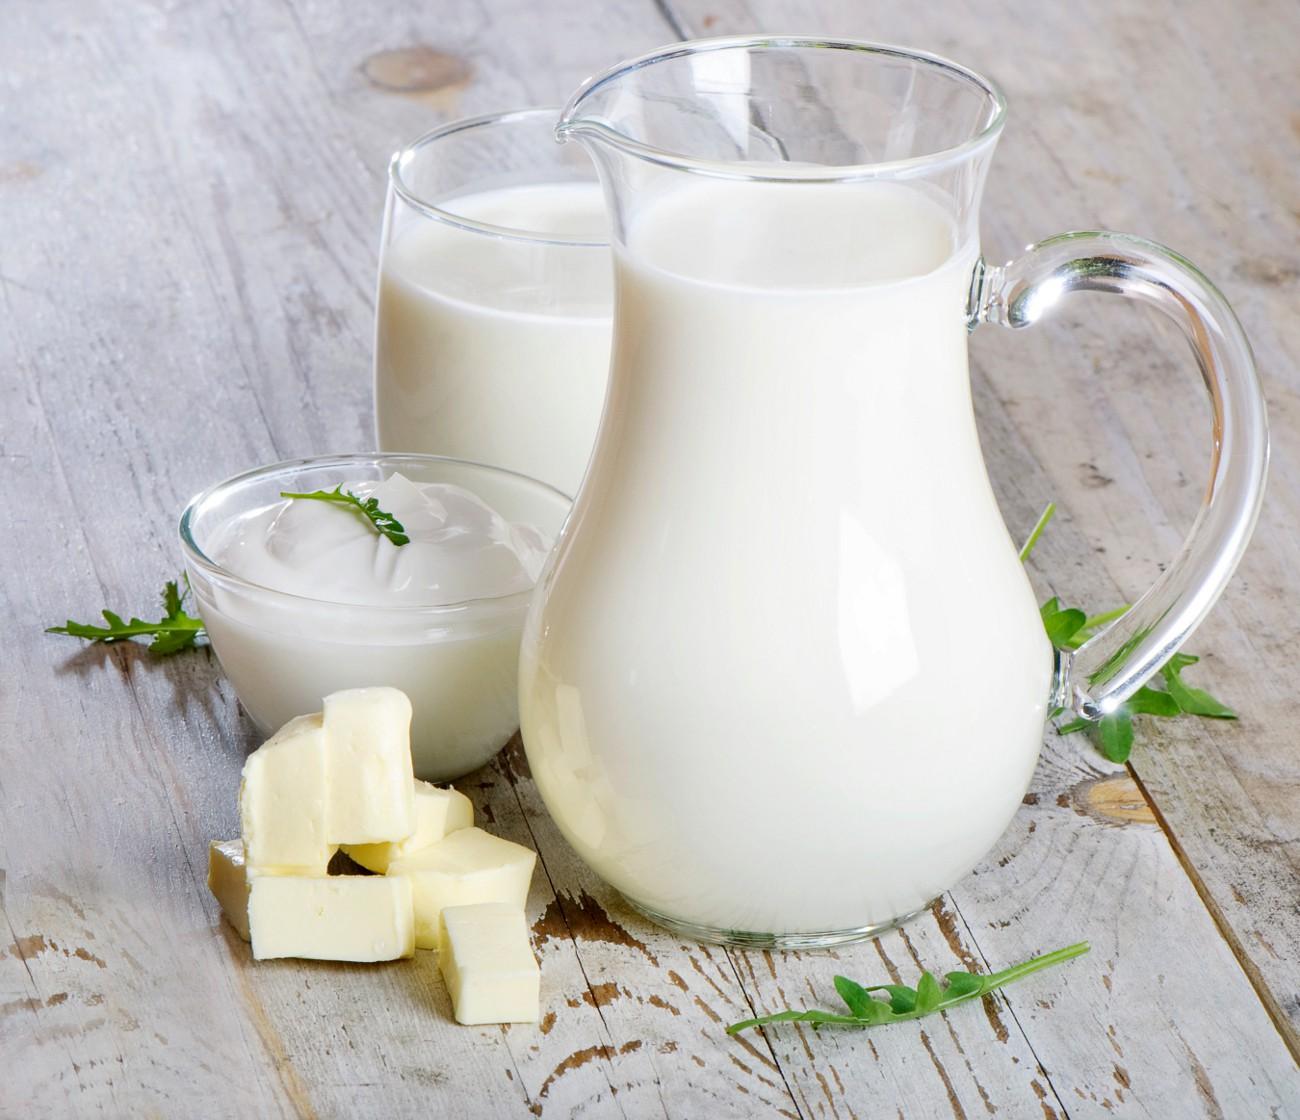 Không phải móng giò, chuyên gia tư vấn nên bổ sung 7 loại thực phẩm này để tăng lượng sữa mẹ - Ảnh 2